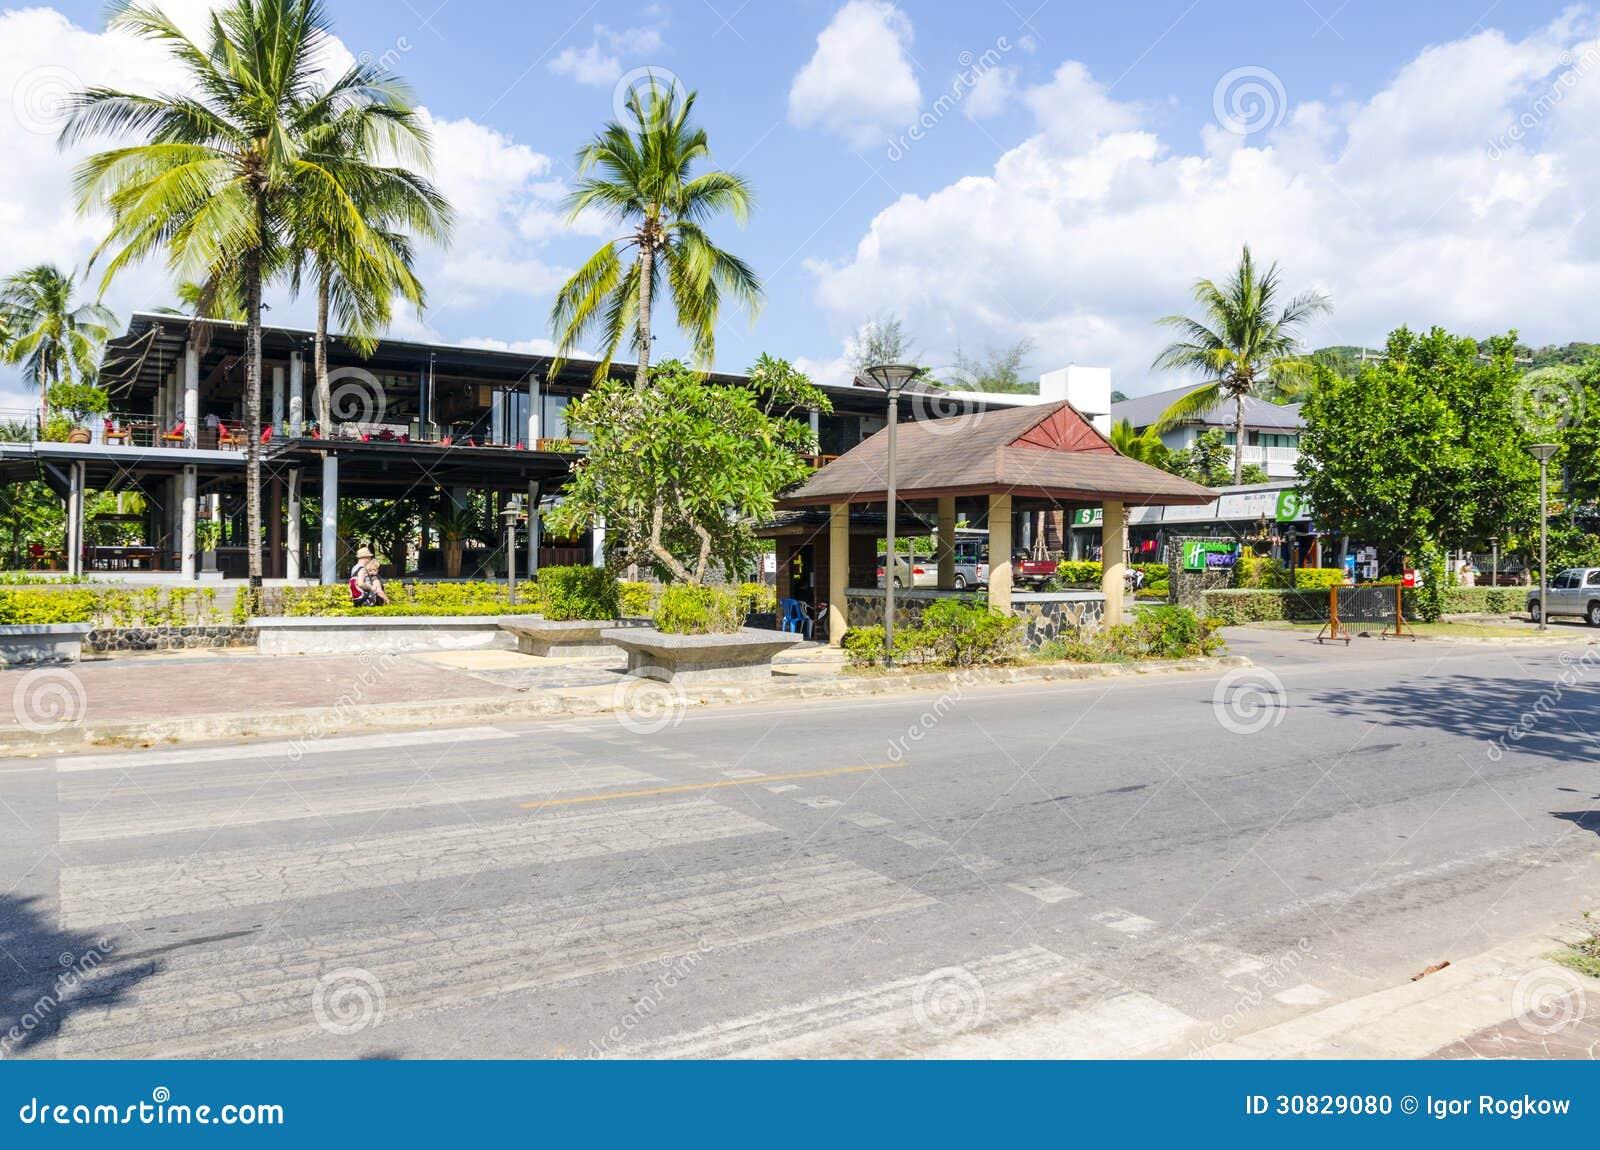 Piccolo hotel nello stile tailandese.